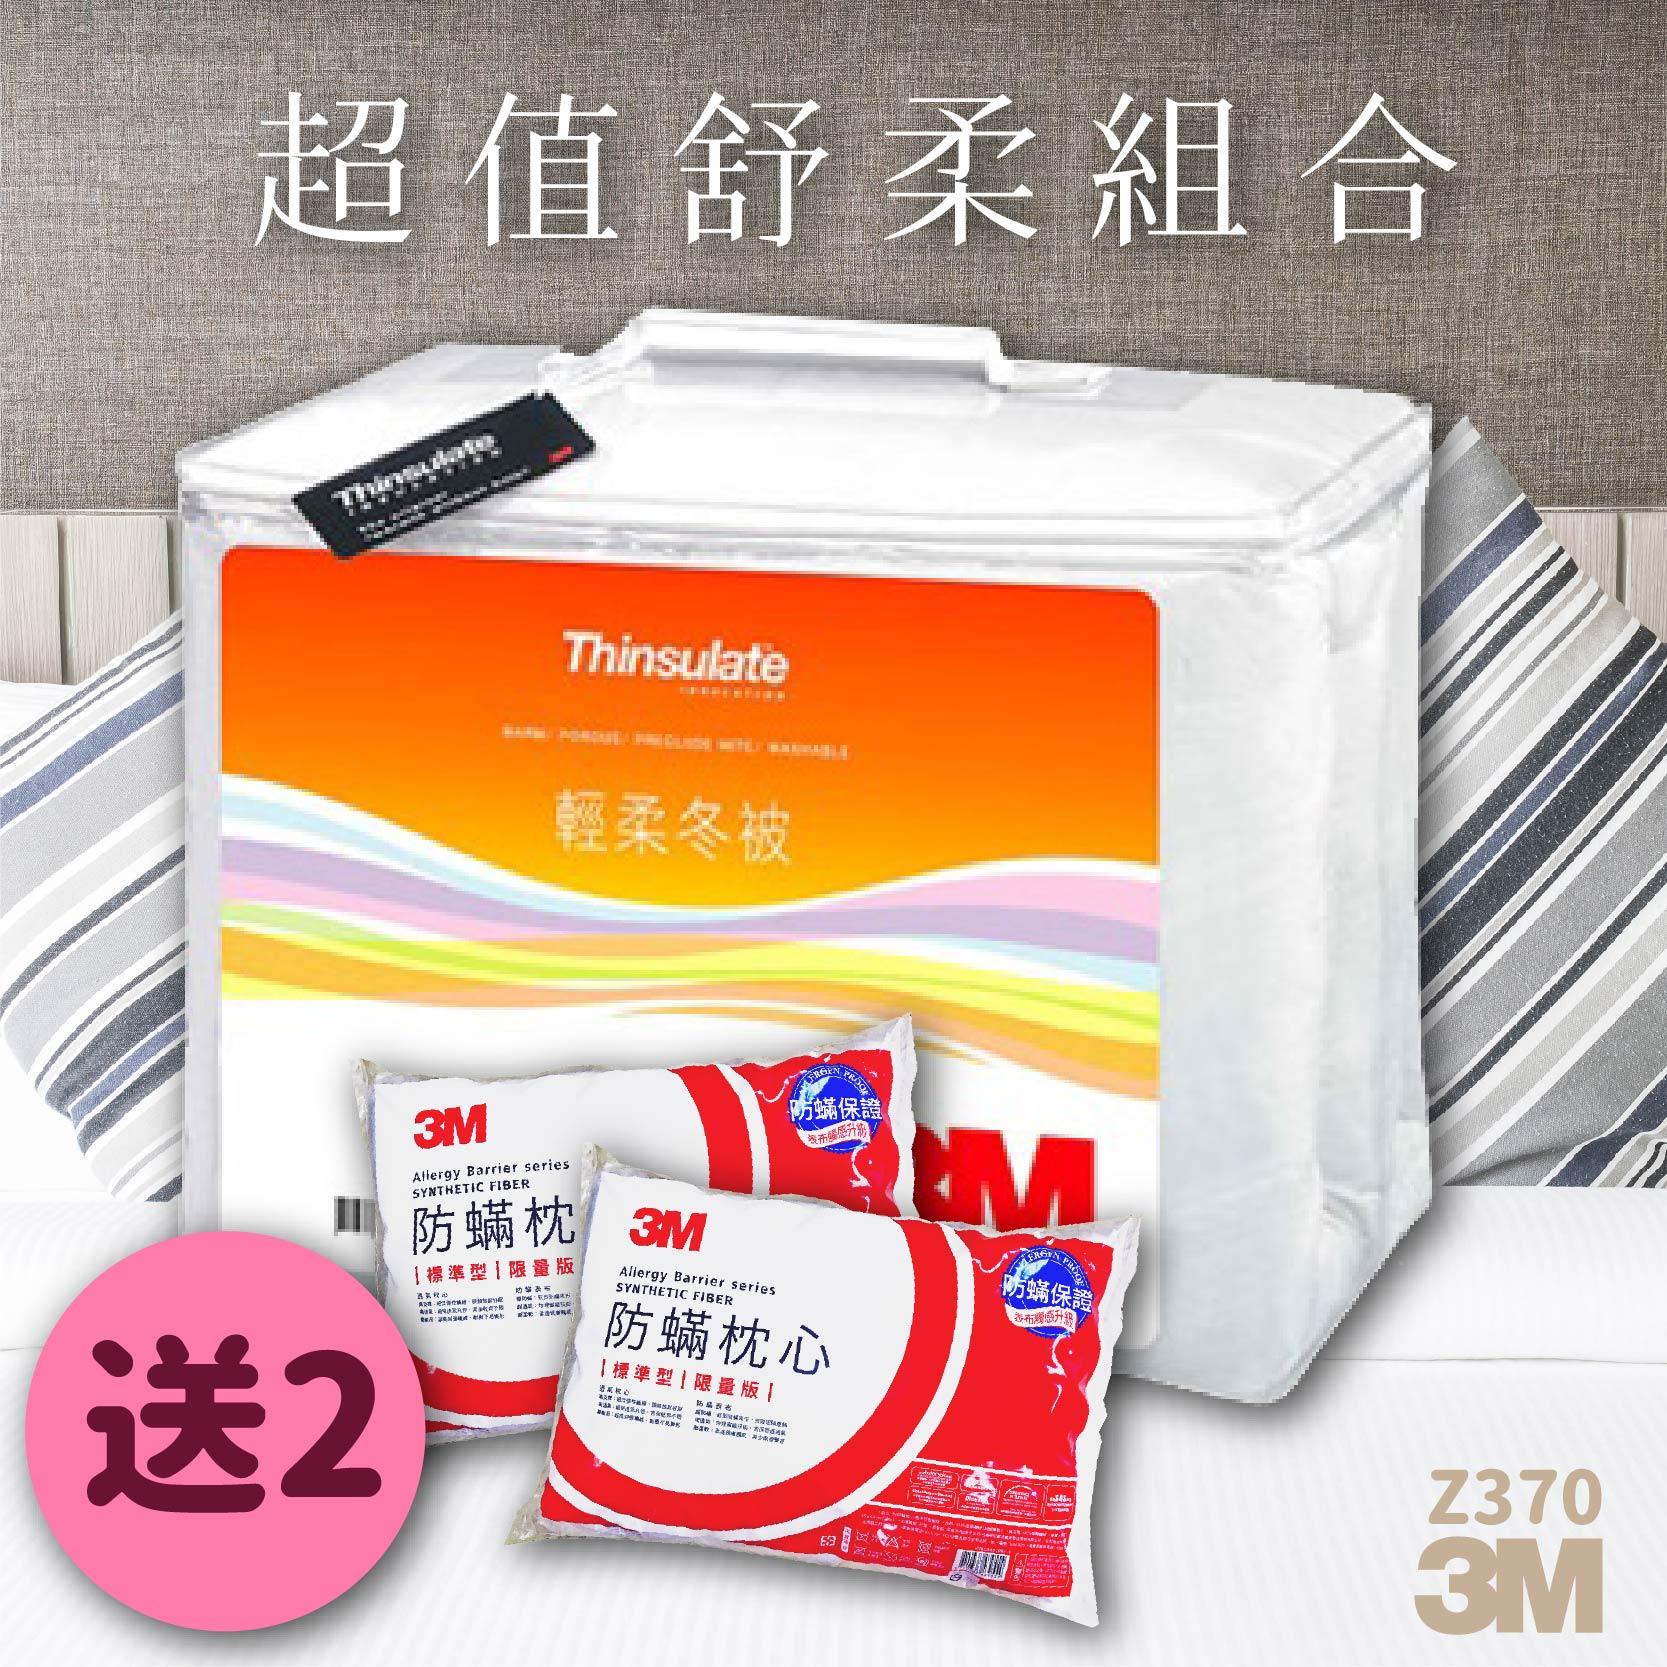 《保證原廠/1送2枕頭》3M Z370輕柔冬被 標準雙人 送 3M防蹣枕頭標準型2入 防蹣 枕頭 棉被 透氣 可水洗